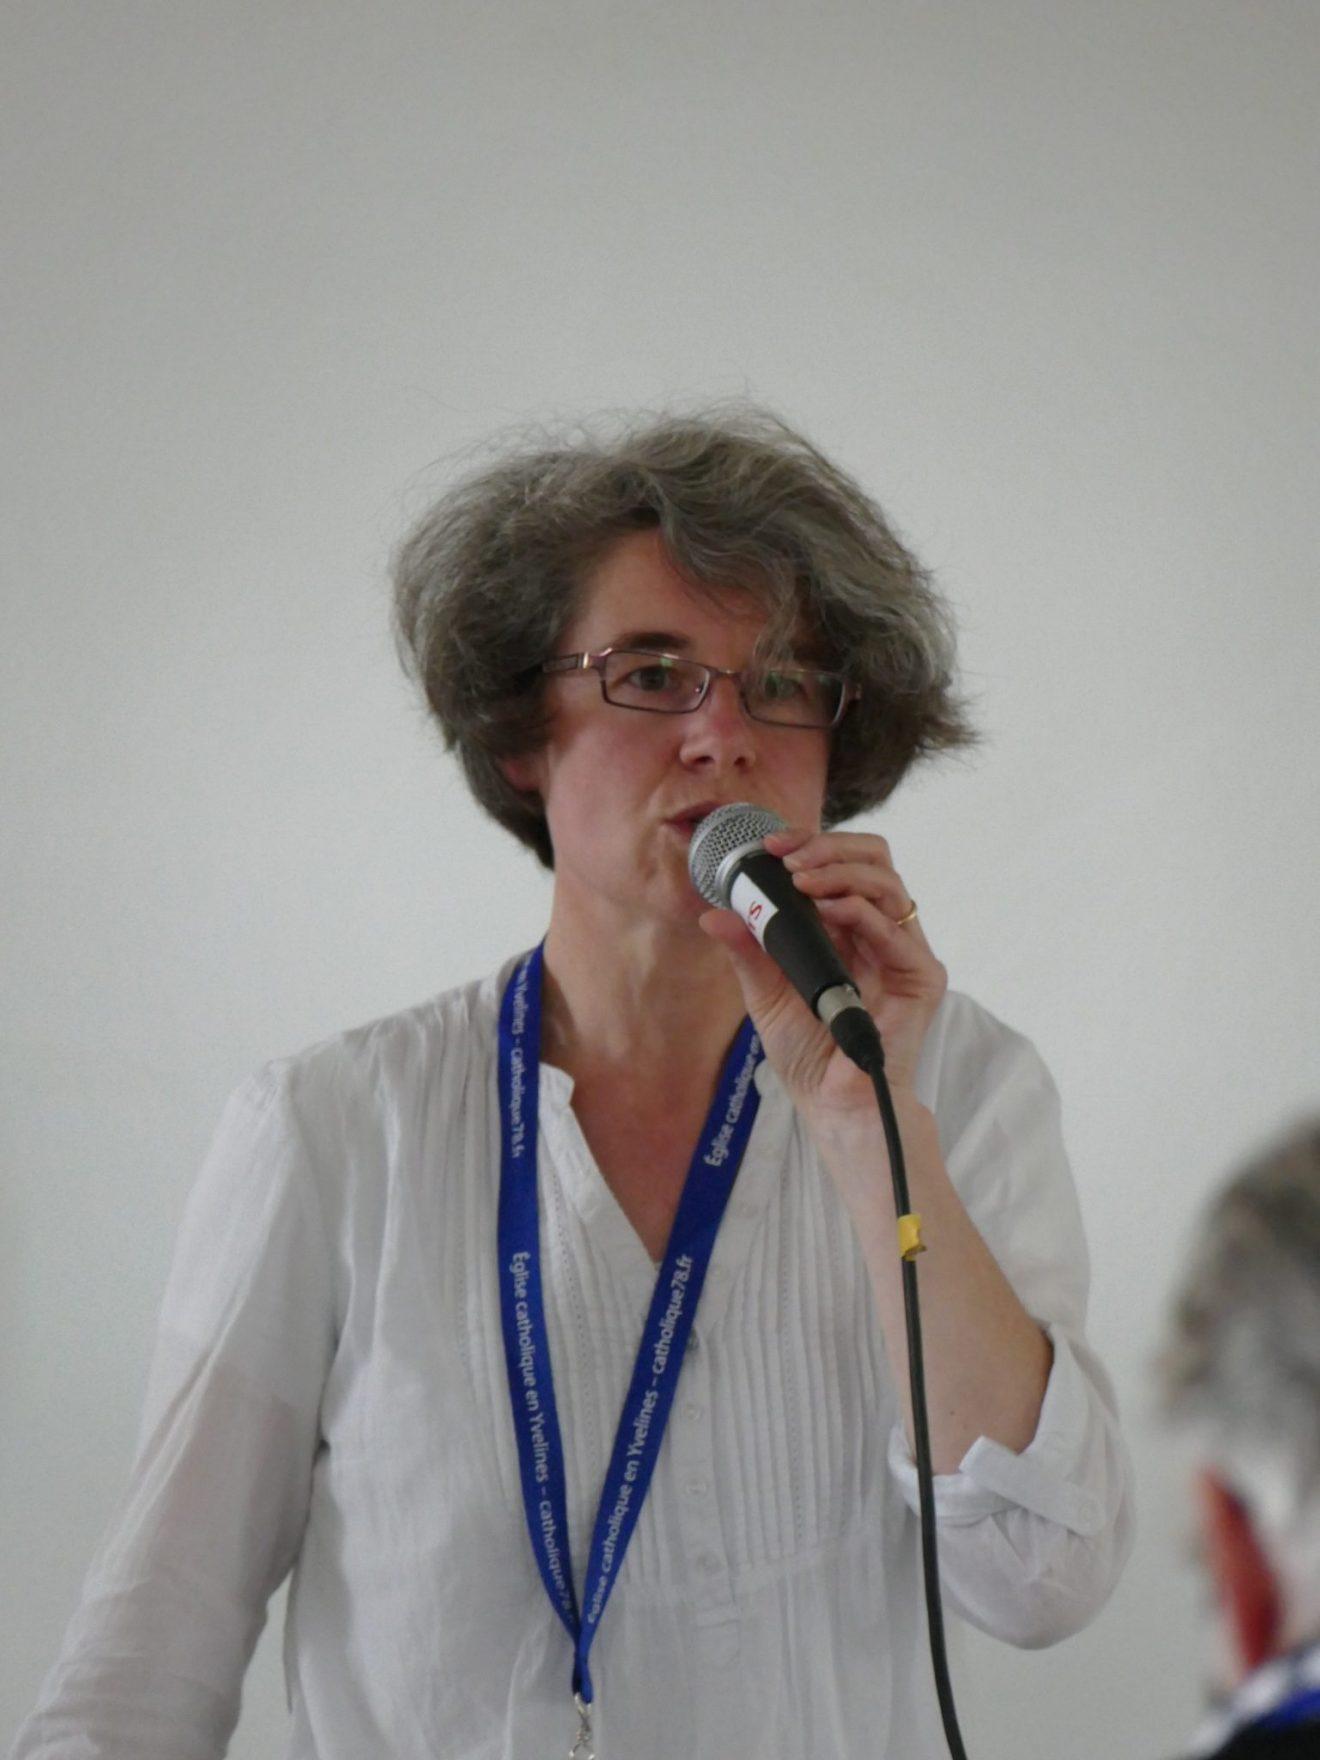 Soeur Nathalie Becquart nommée sous secrétaire du synode des évêques